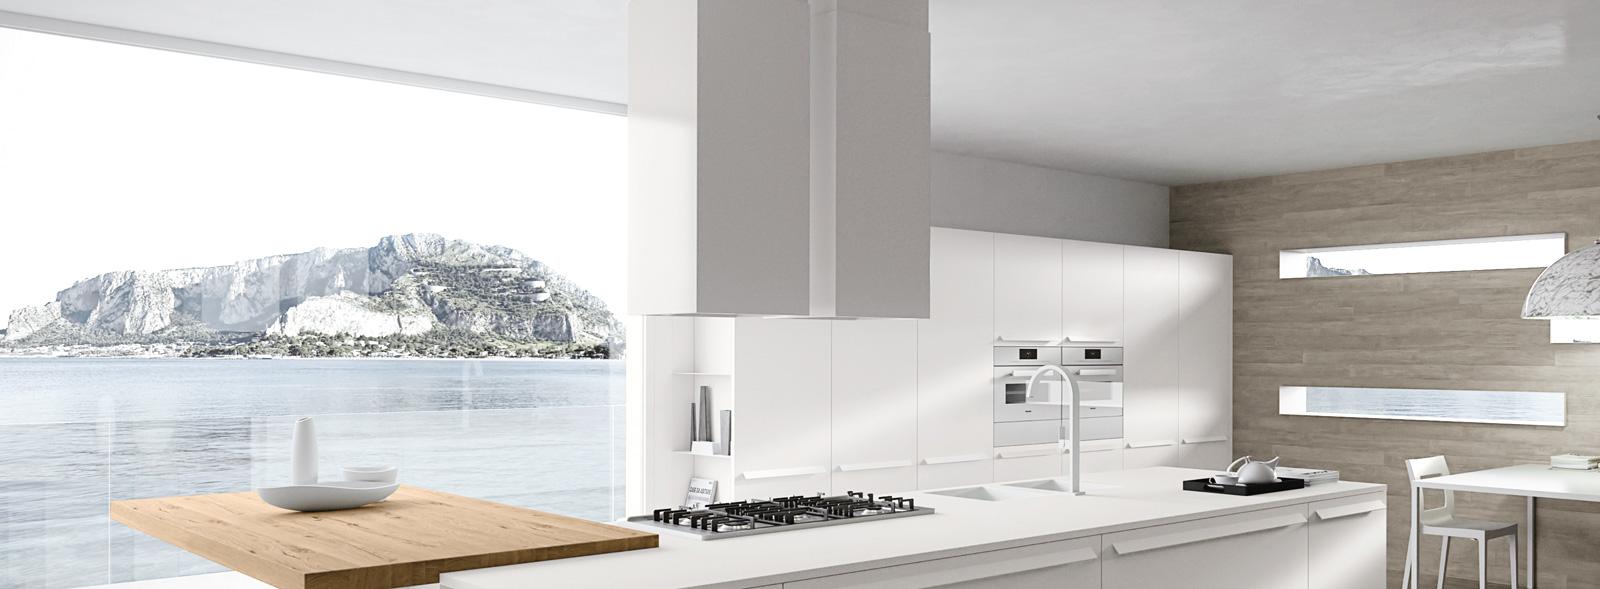 Tubo Per Cappa Cucina Design lav-in | cappe d'aspirazione per cucina